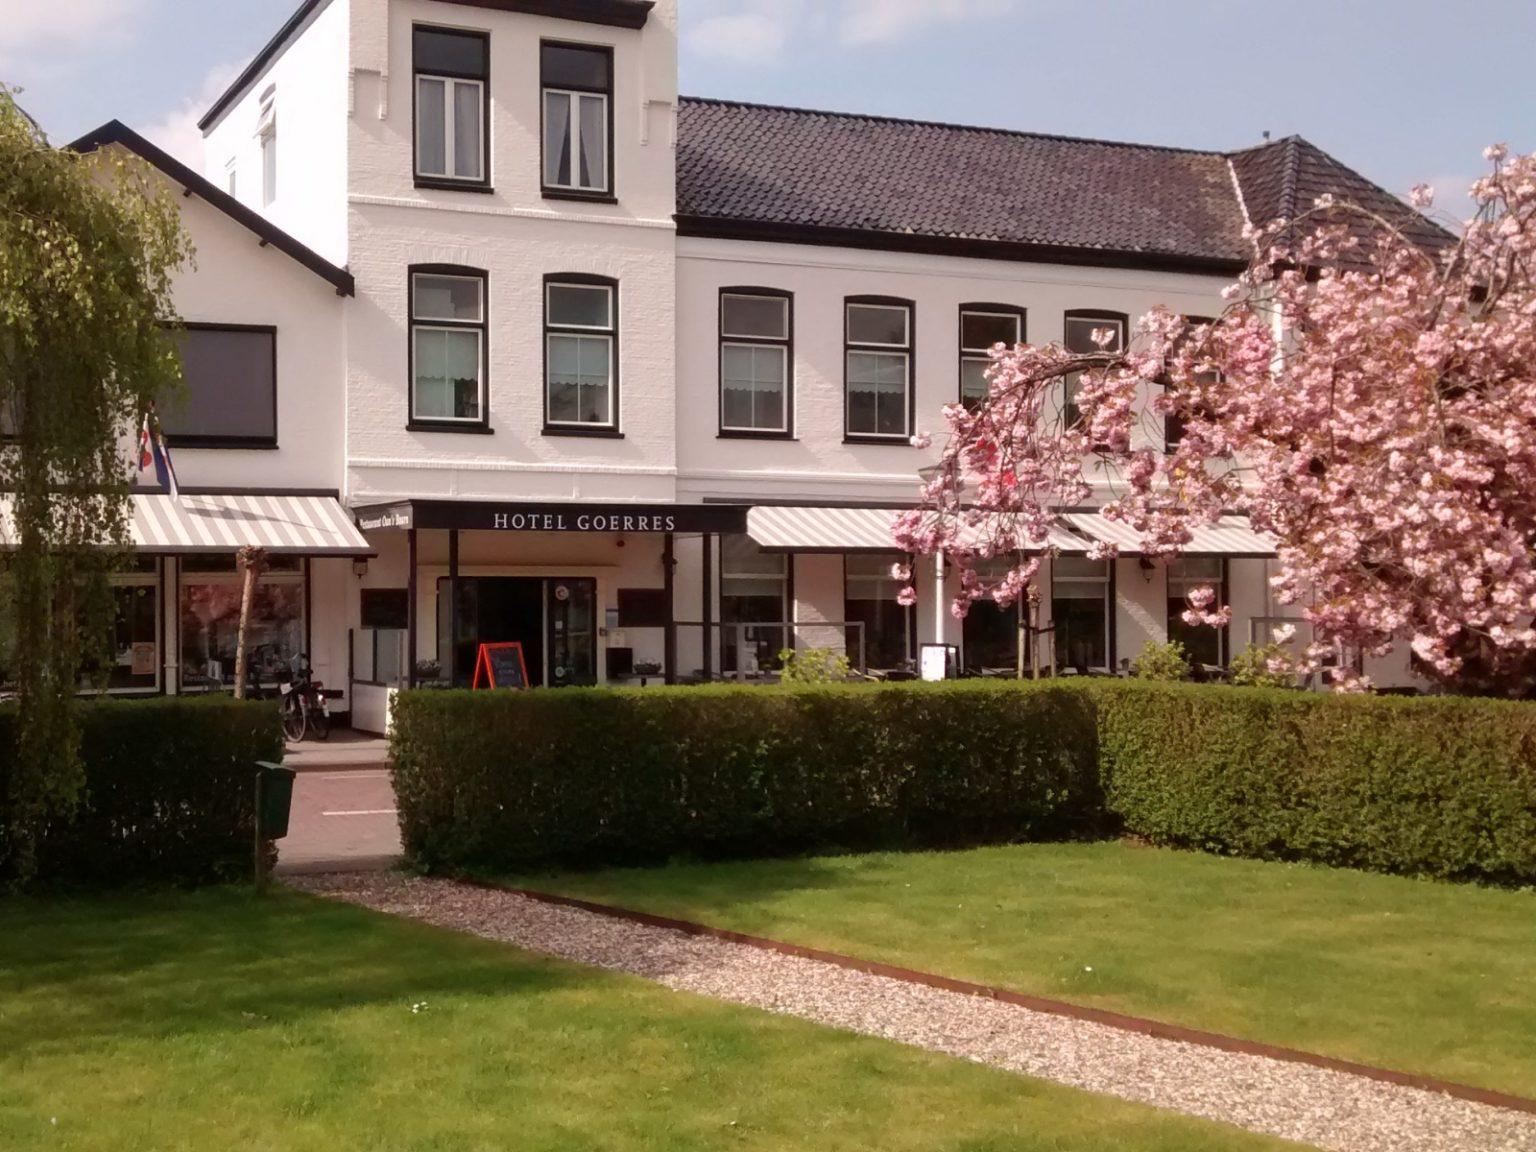 Hotel Restaurant Goerres